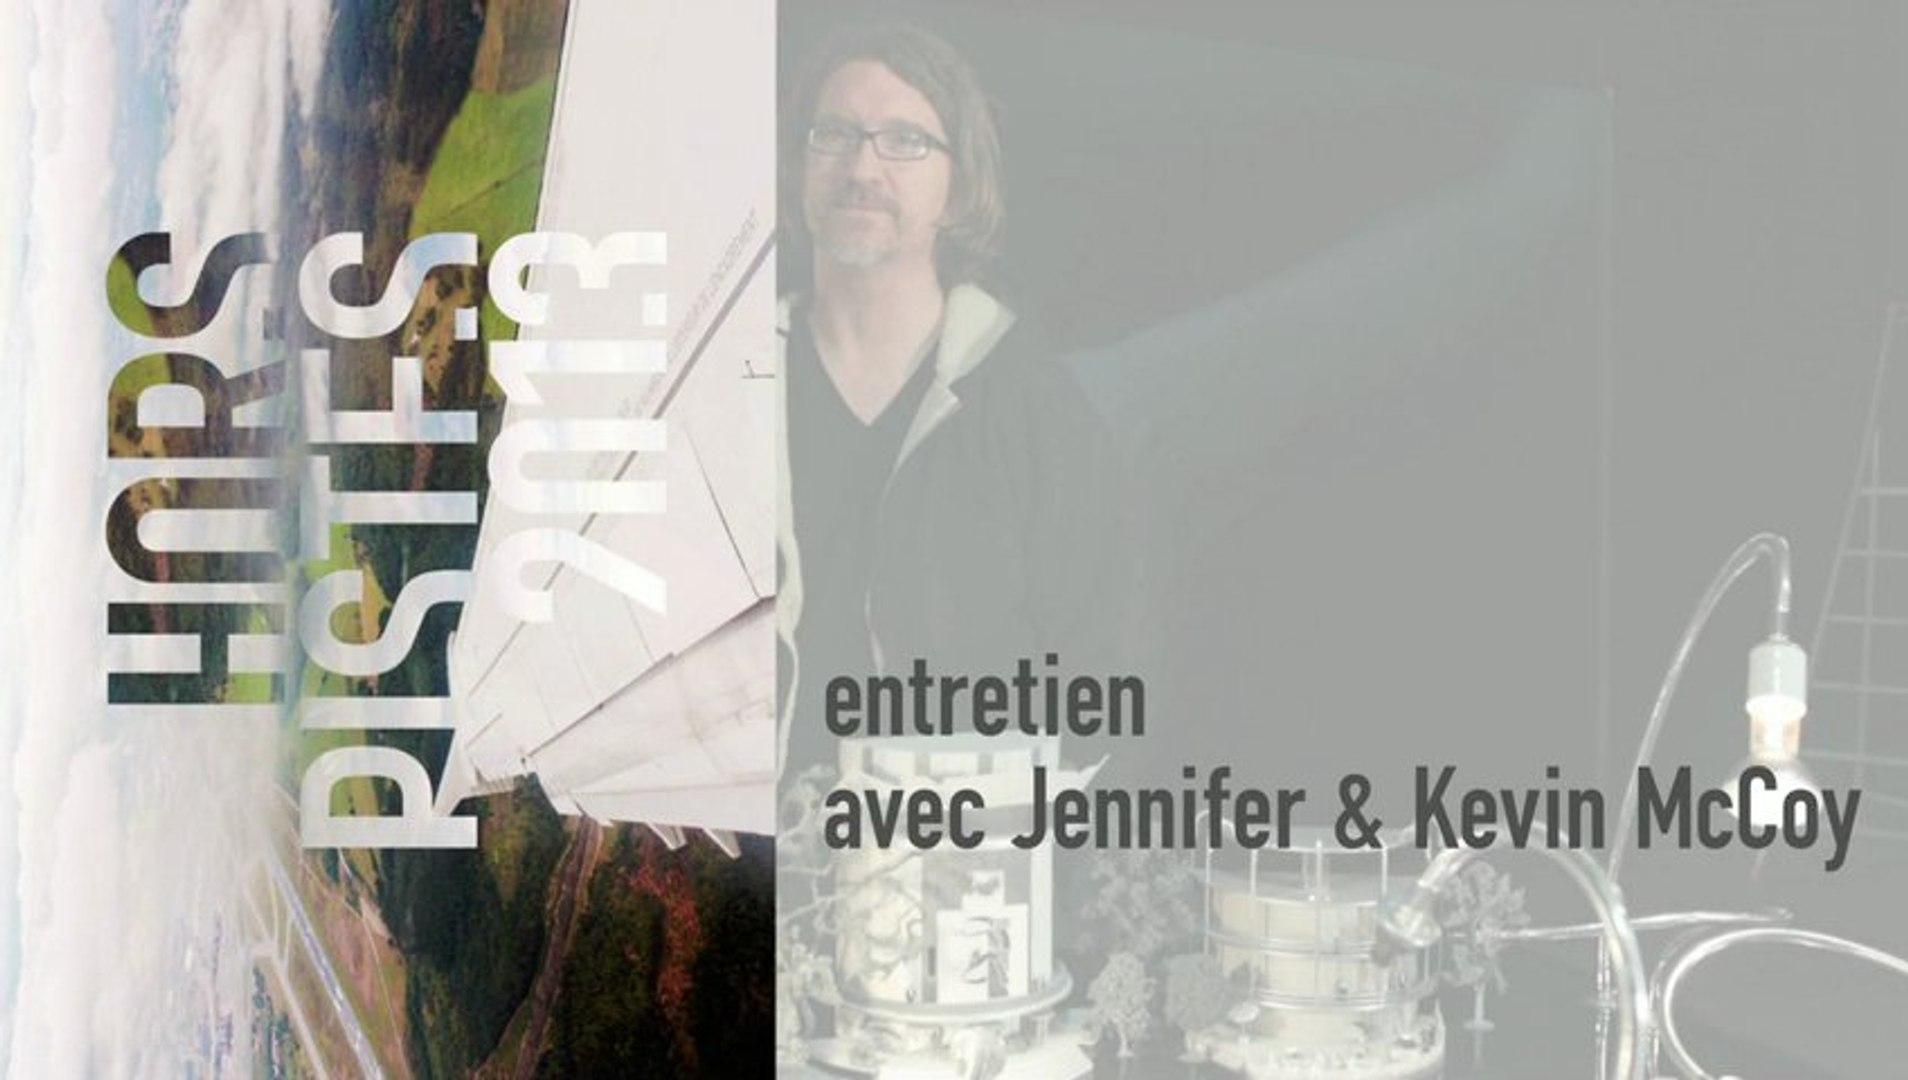 Entretien avec Jennifer et Kevin McCoy autour de Hors Pistes 2013 - cycle du 18 janvier 2013 au  3 f